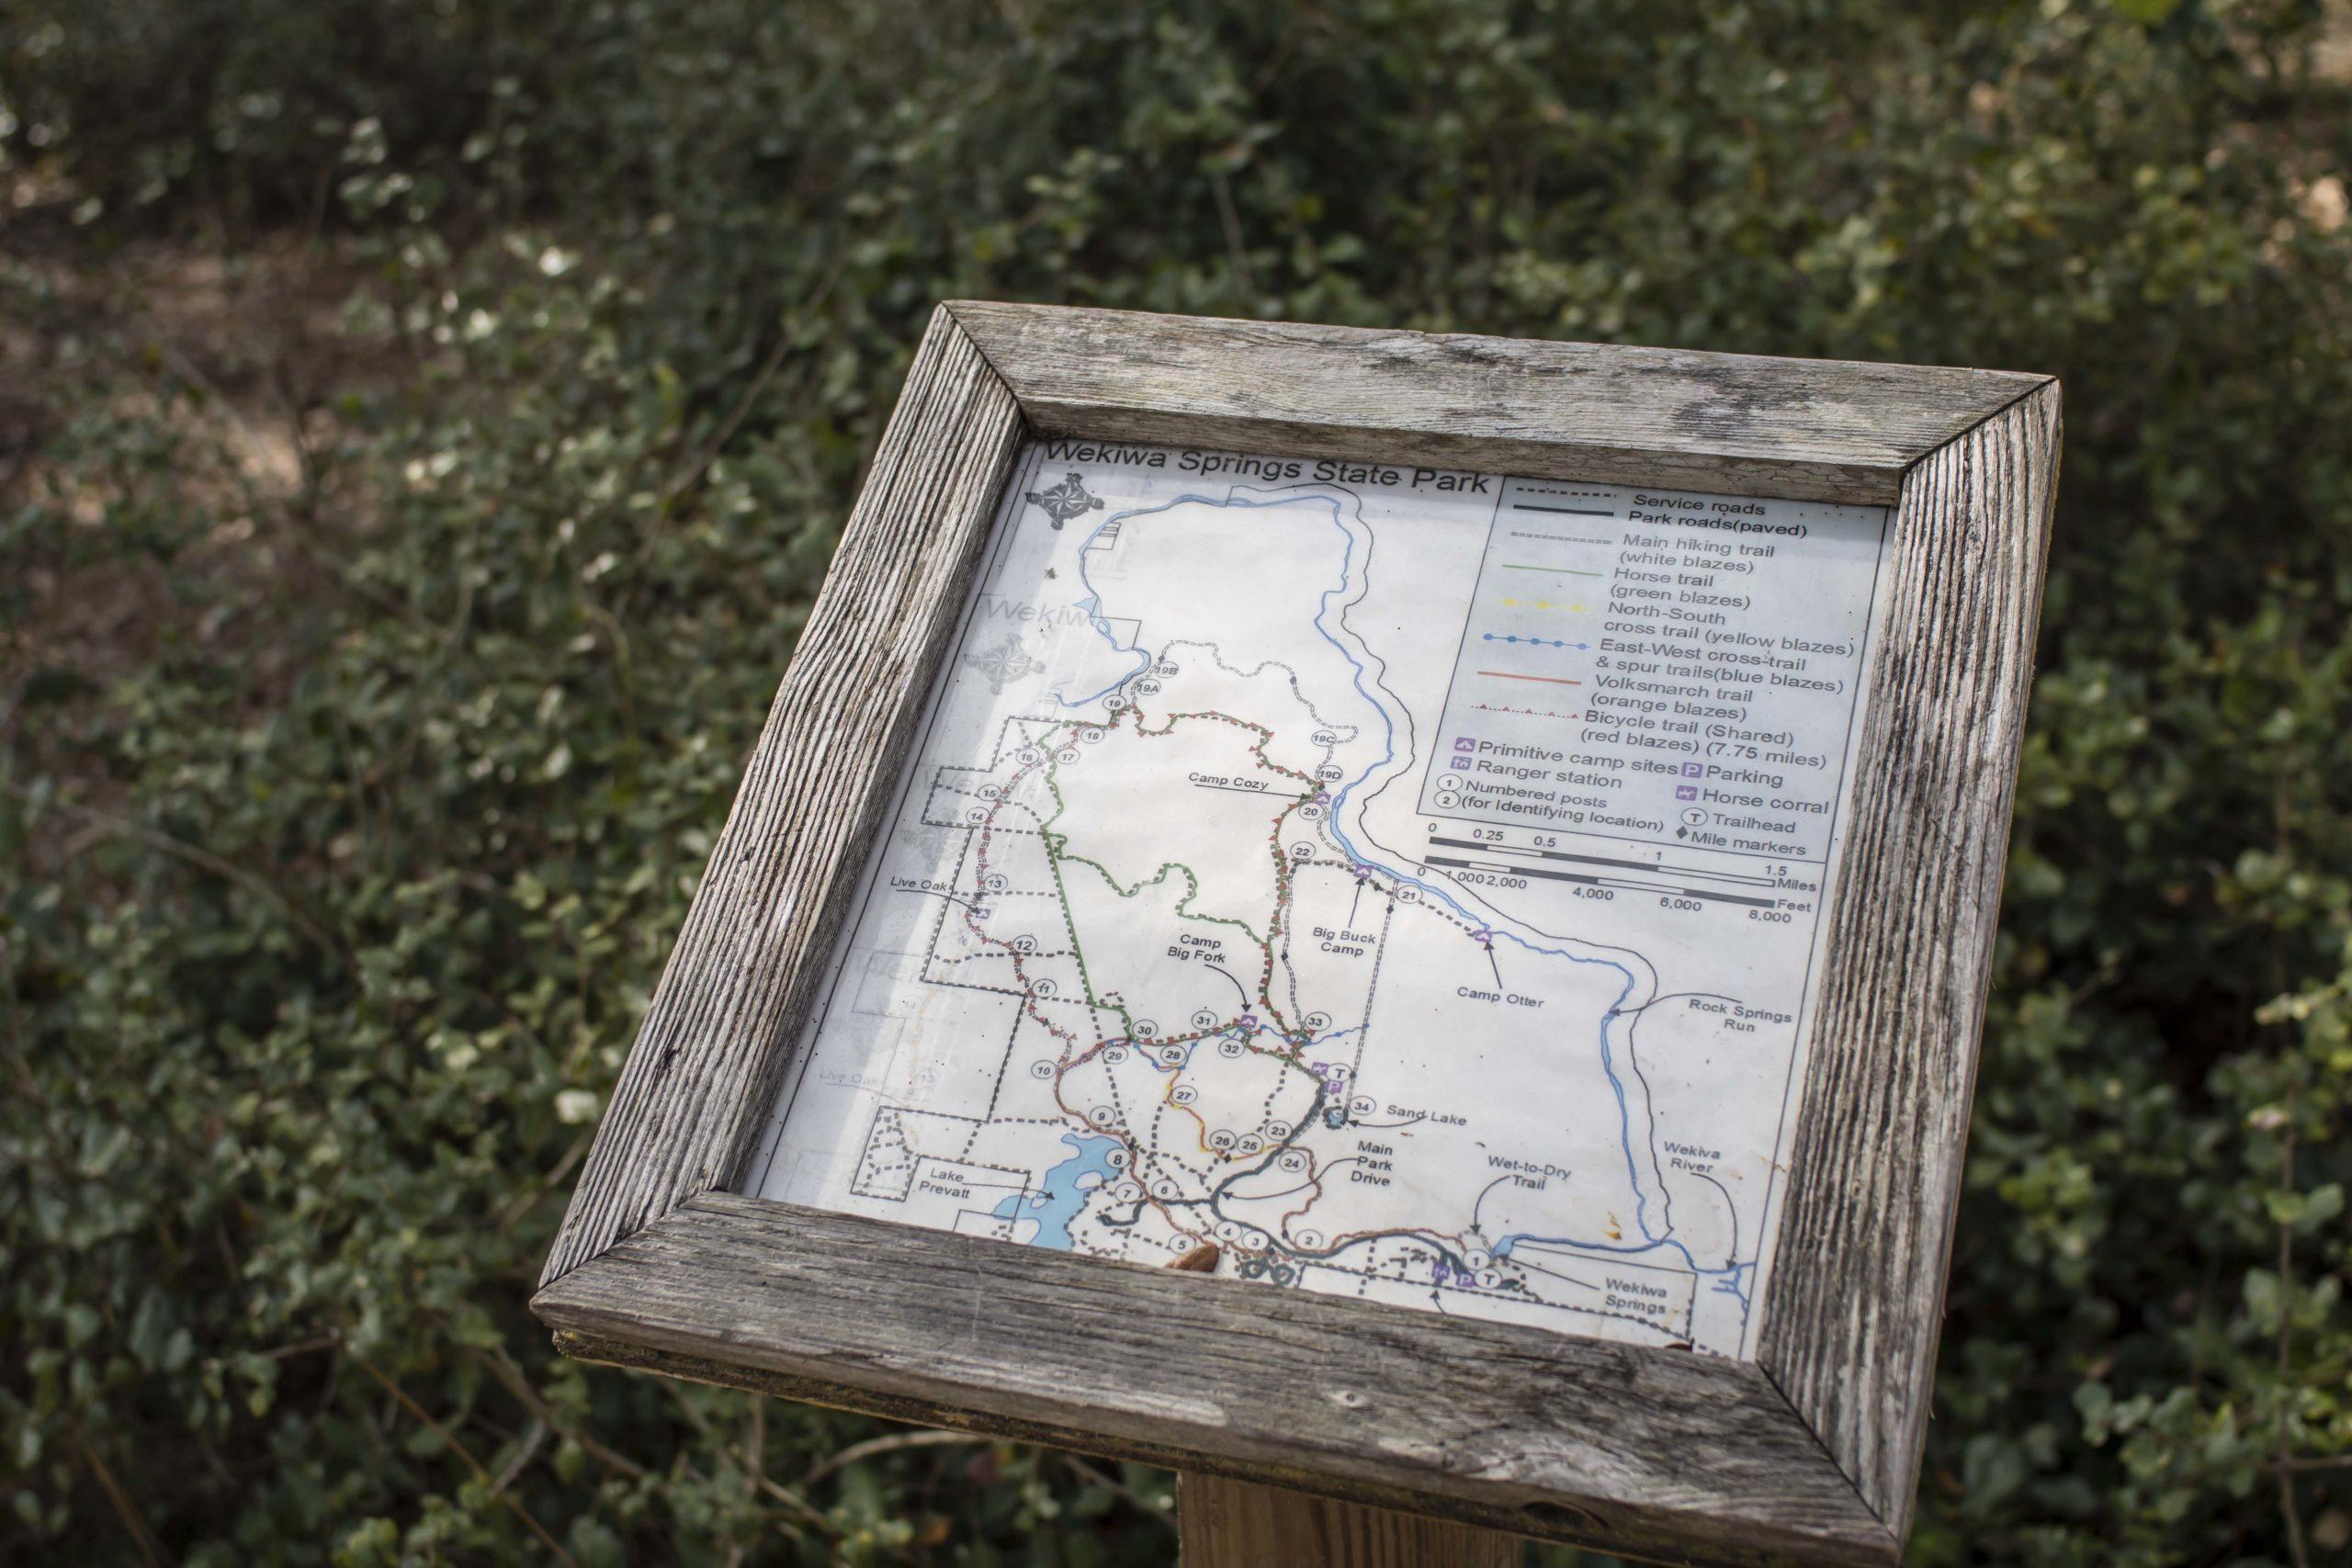 wekiva springs trail map